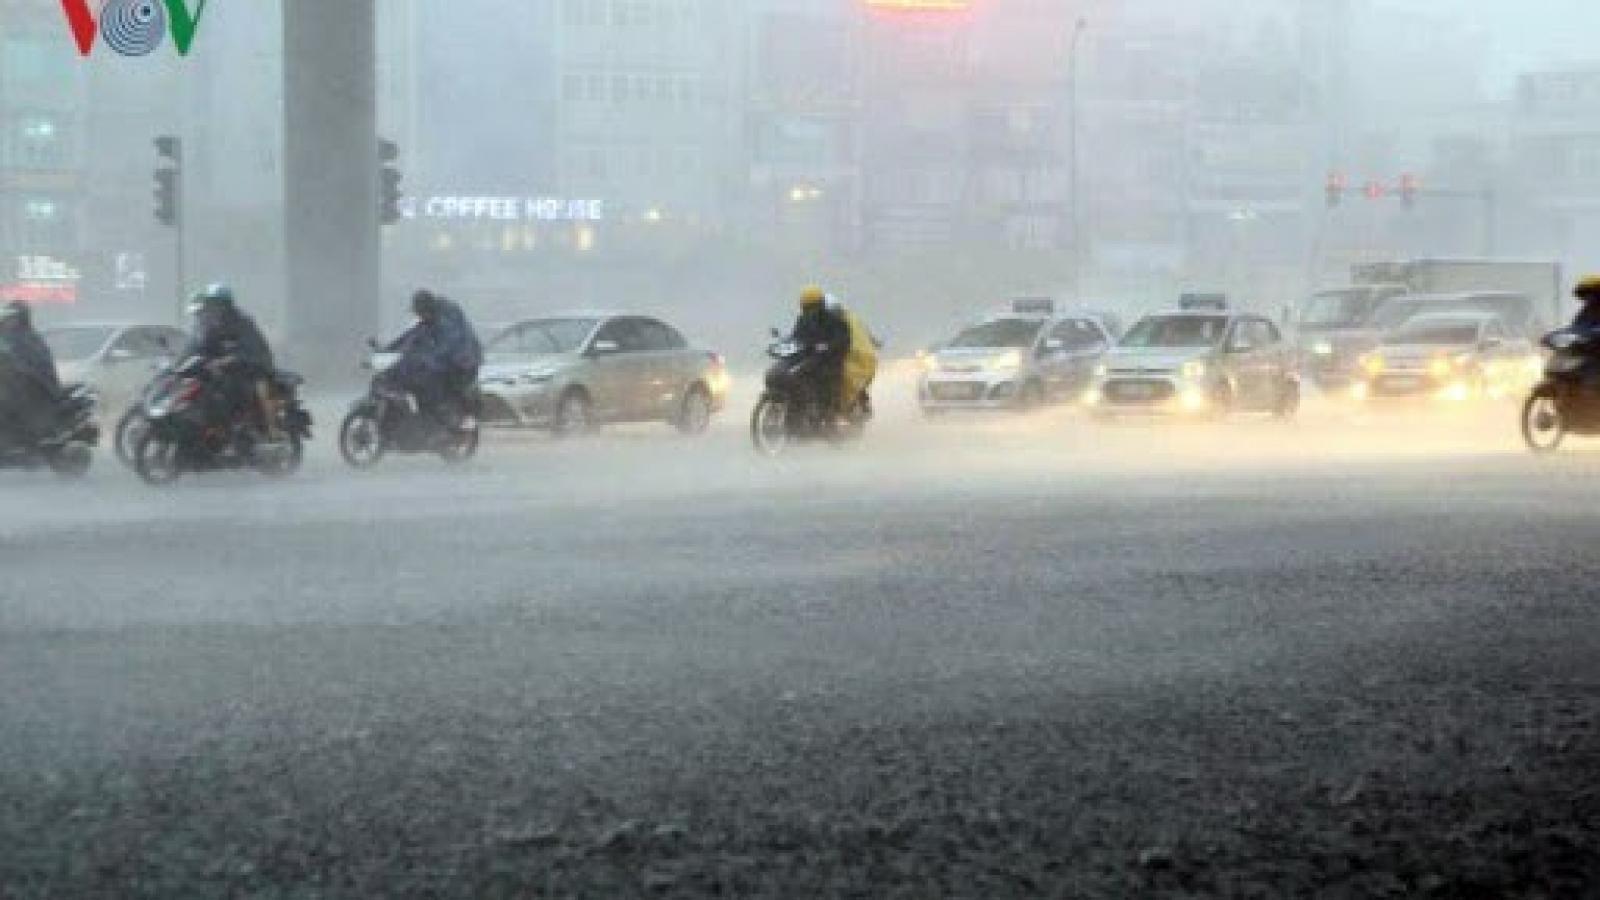 Thời tiết ngày 29/7: Cảnh báo mưa dông và lốc ở nhiều tỉnh thành Bắc Bộ